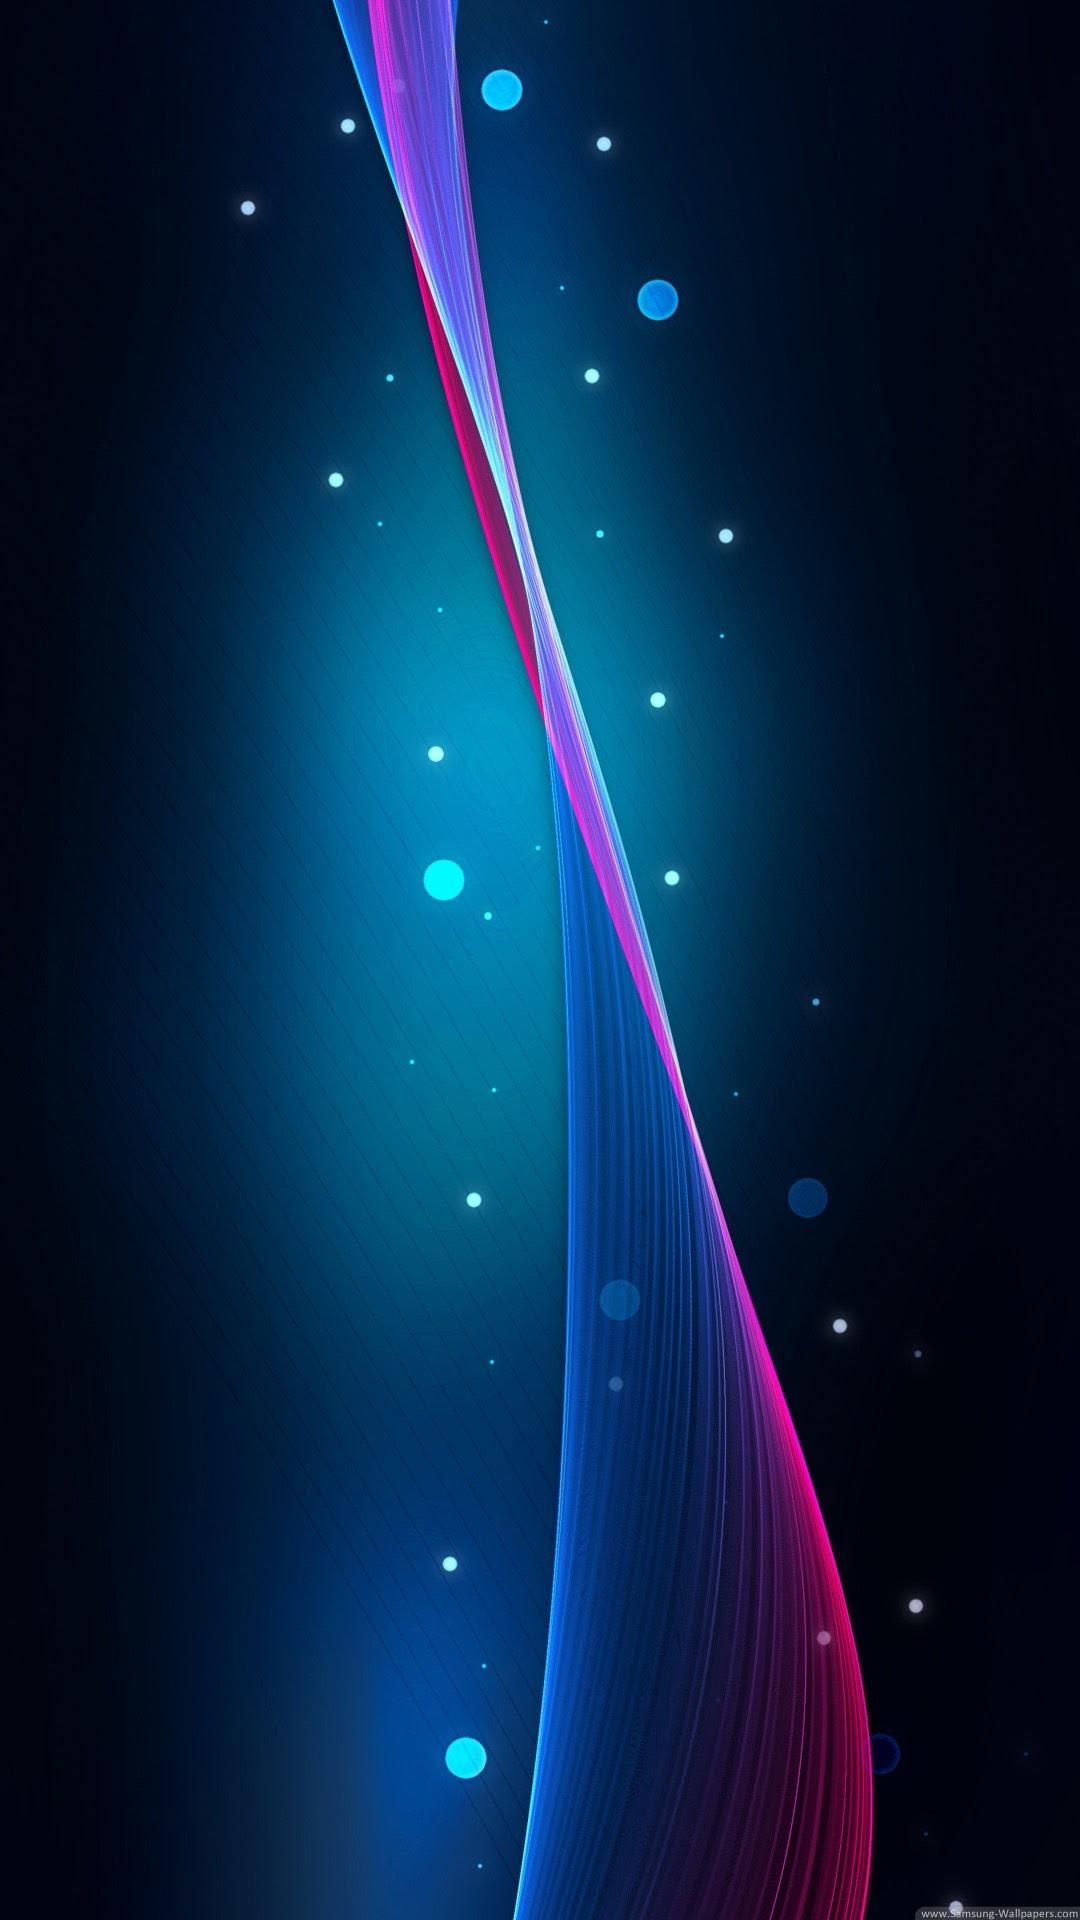 Samsung Mobile Wallpapers and Themes  WallpaperSafari